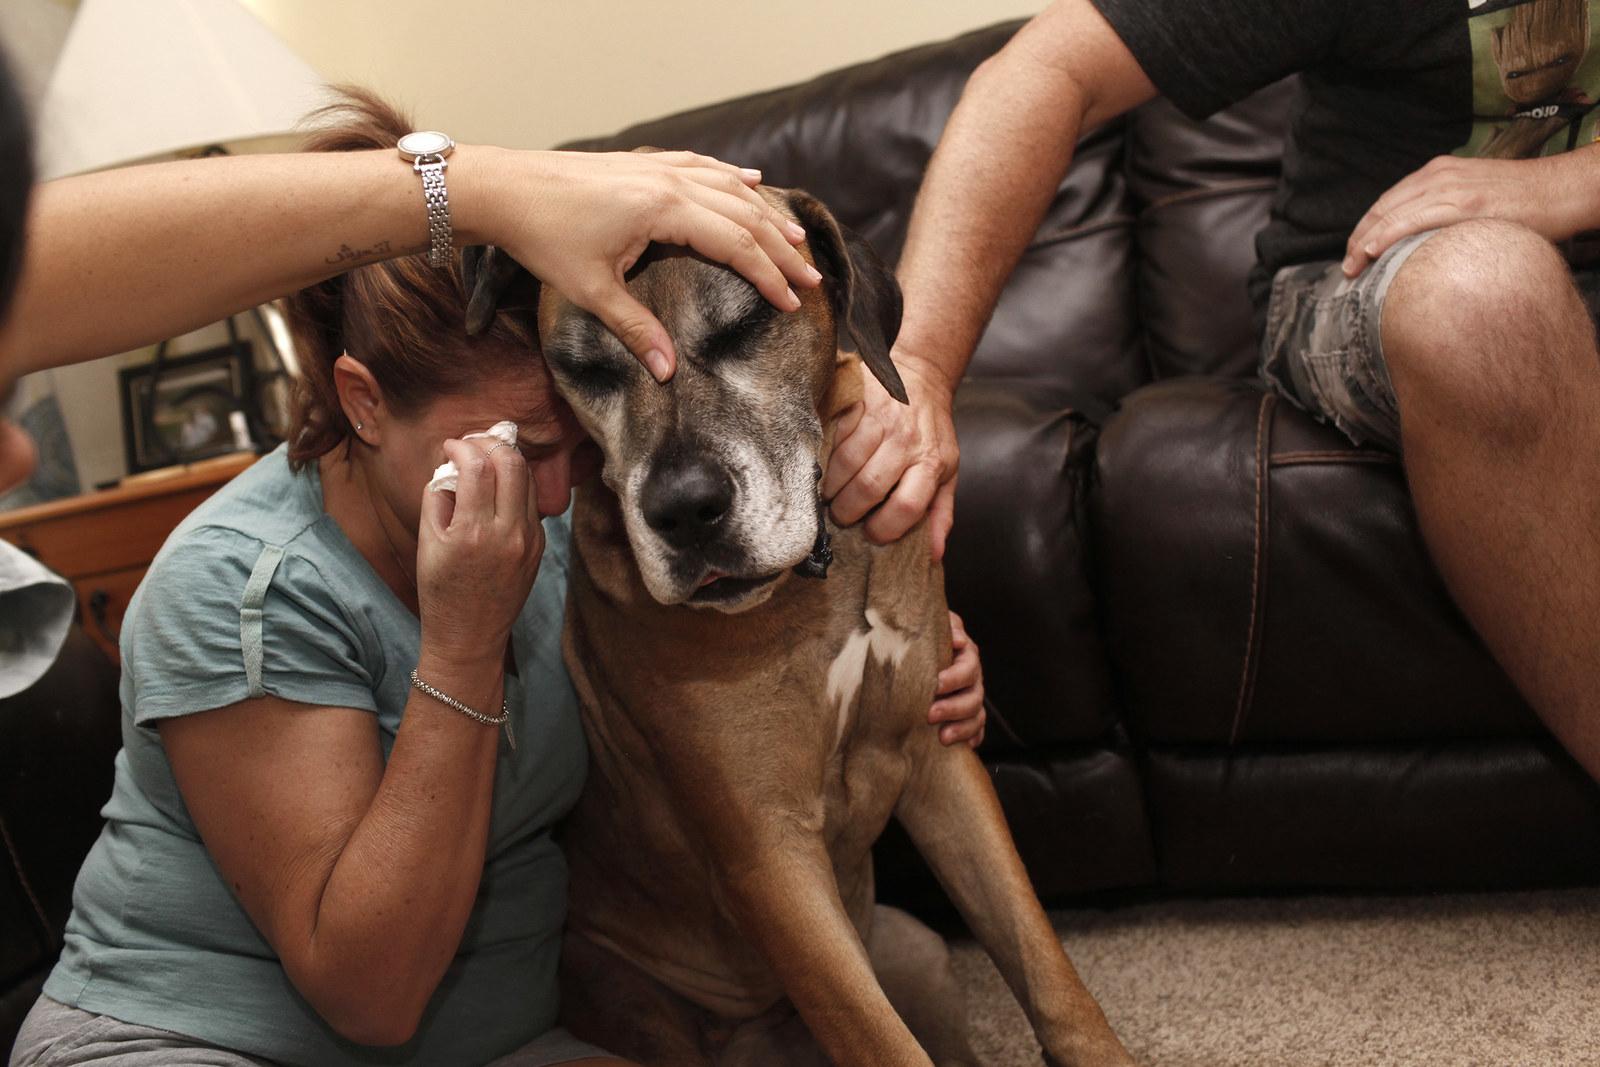 Fotógrafo capta os últimos momentos emocionantes entre animais de estimação e seus donos